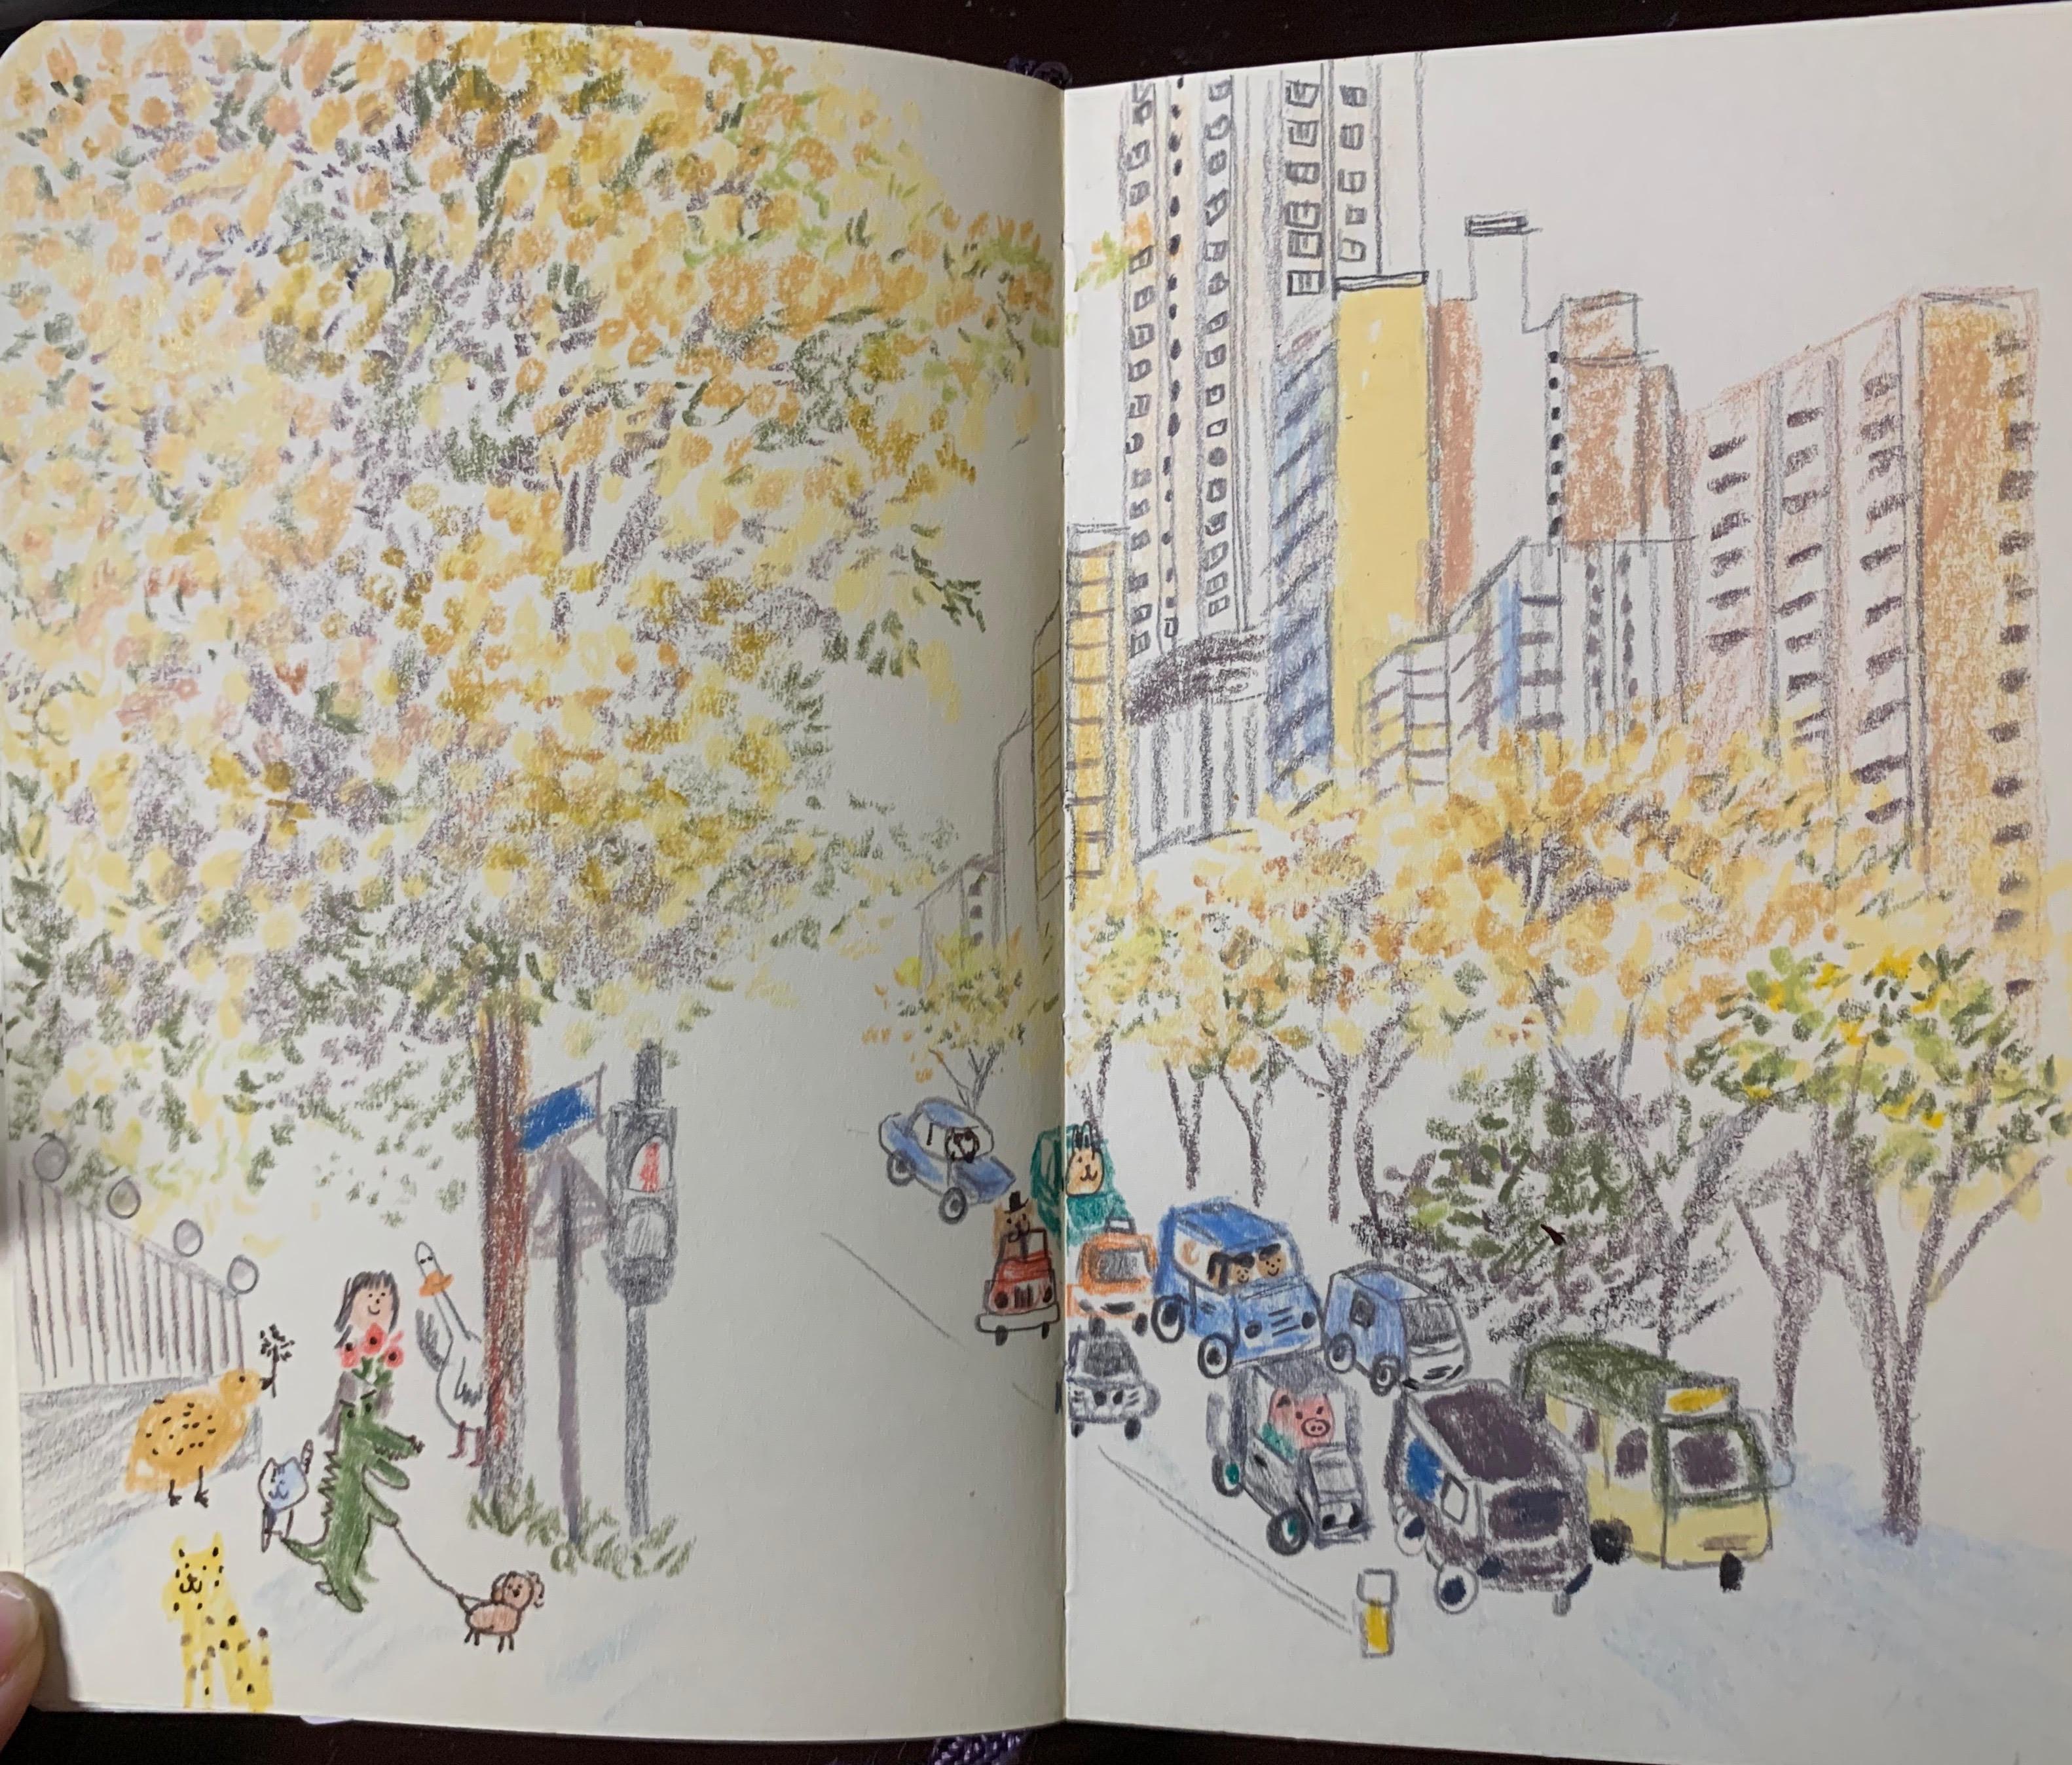 寫給界限街的樹木